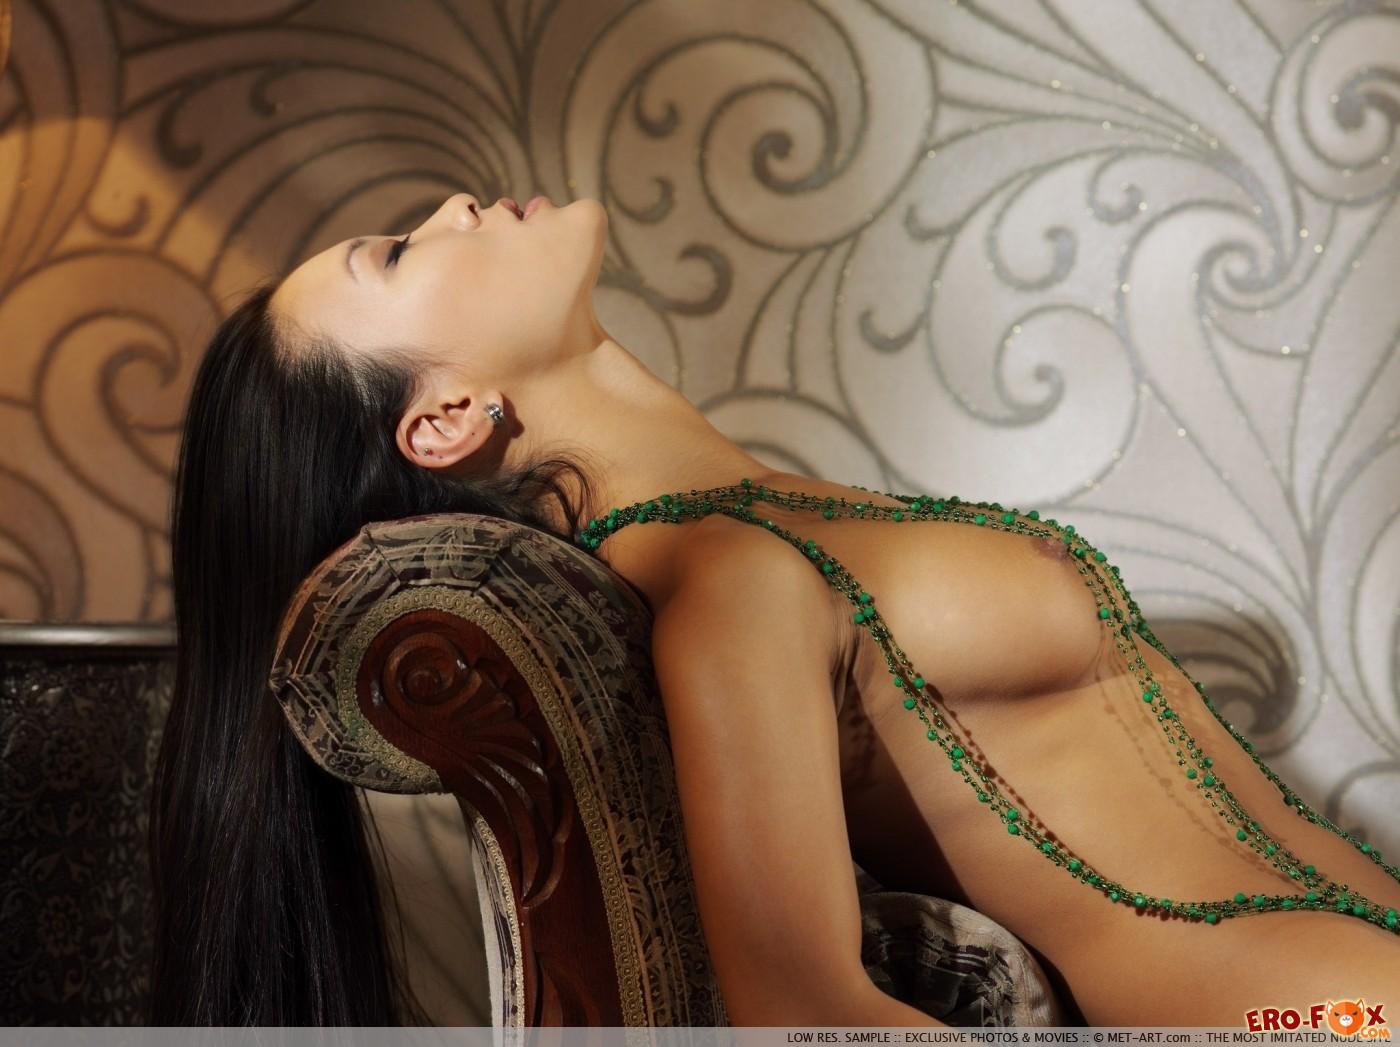 Кореянка с красивым телом нагая на софе - фото